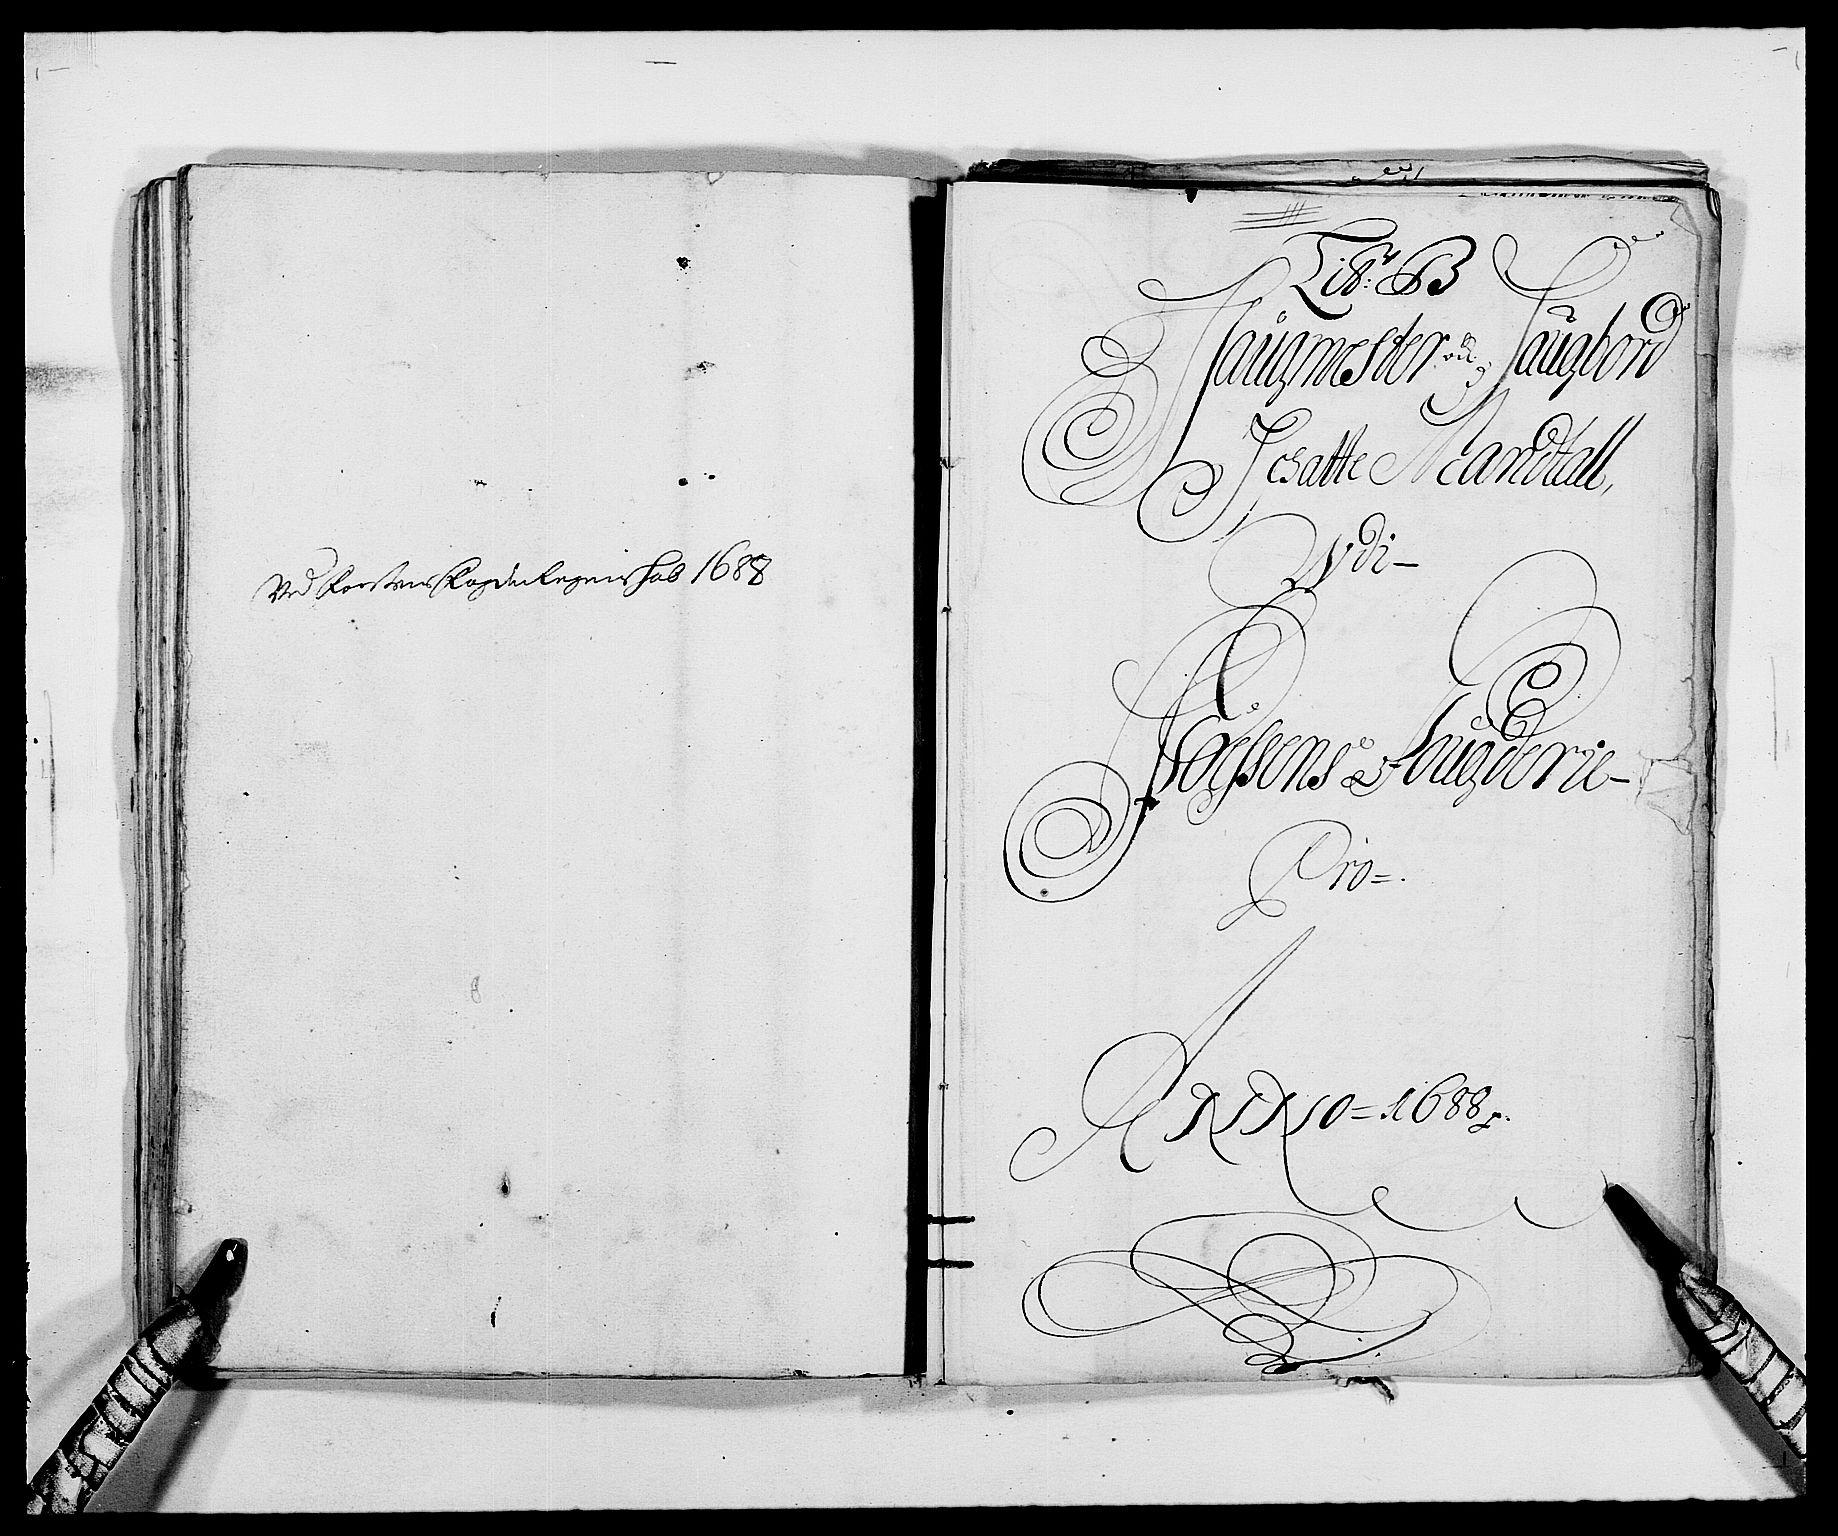 RA, Rentekammeret inntil 1814, Reviderte regnskaper, Fogderegnskap, R57/L3846: Fogderegnskap Fosen, 1688, s. 67